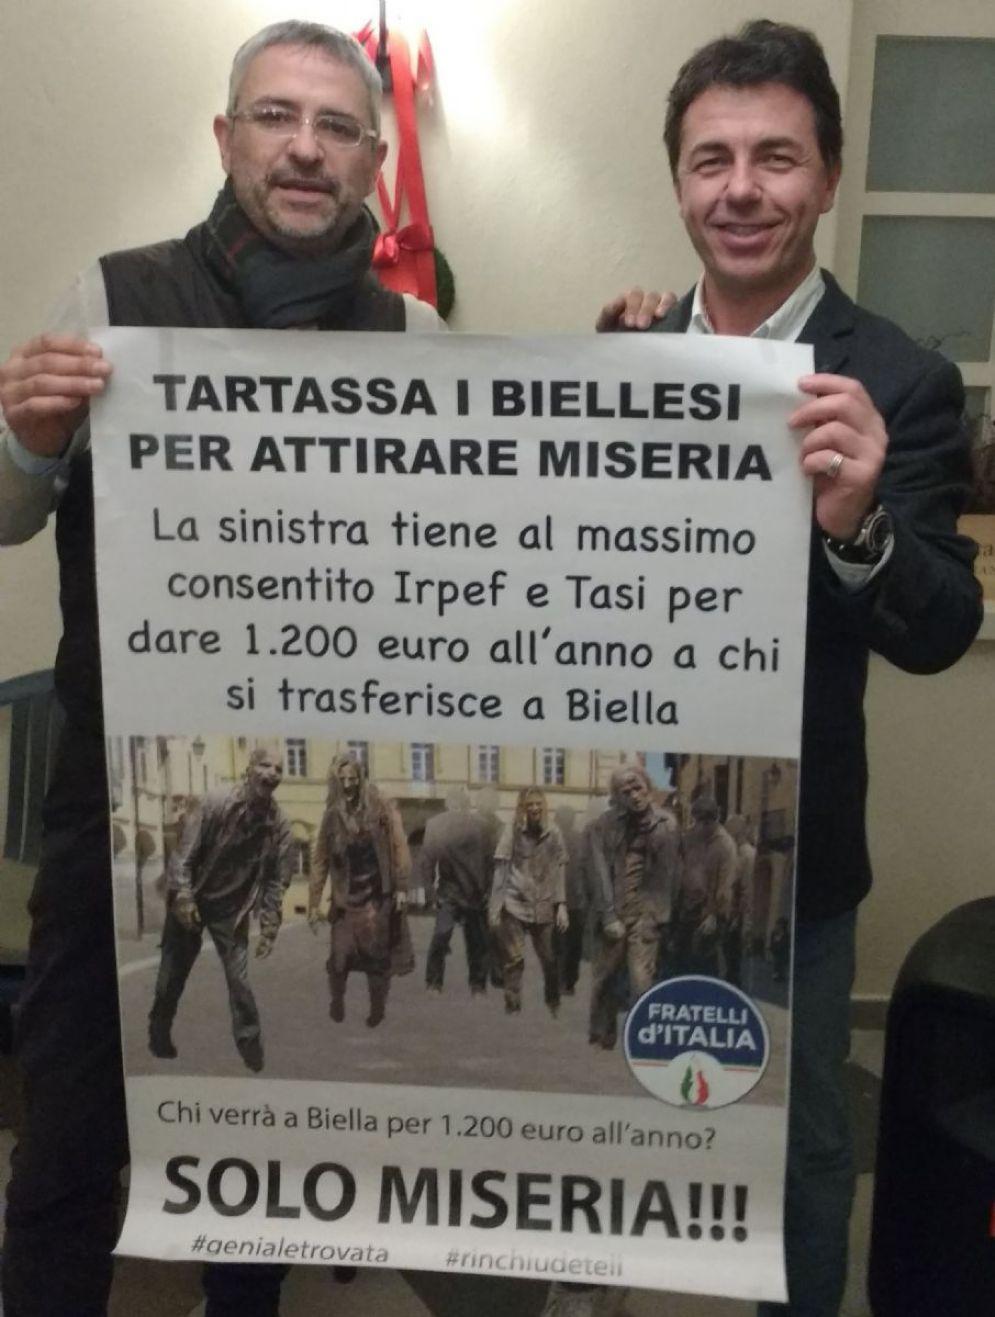 Uno dei manifesti, sostenuto da Daniele Camatel e Walter Garizio